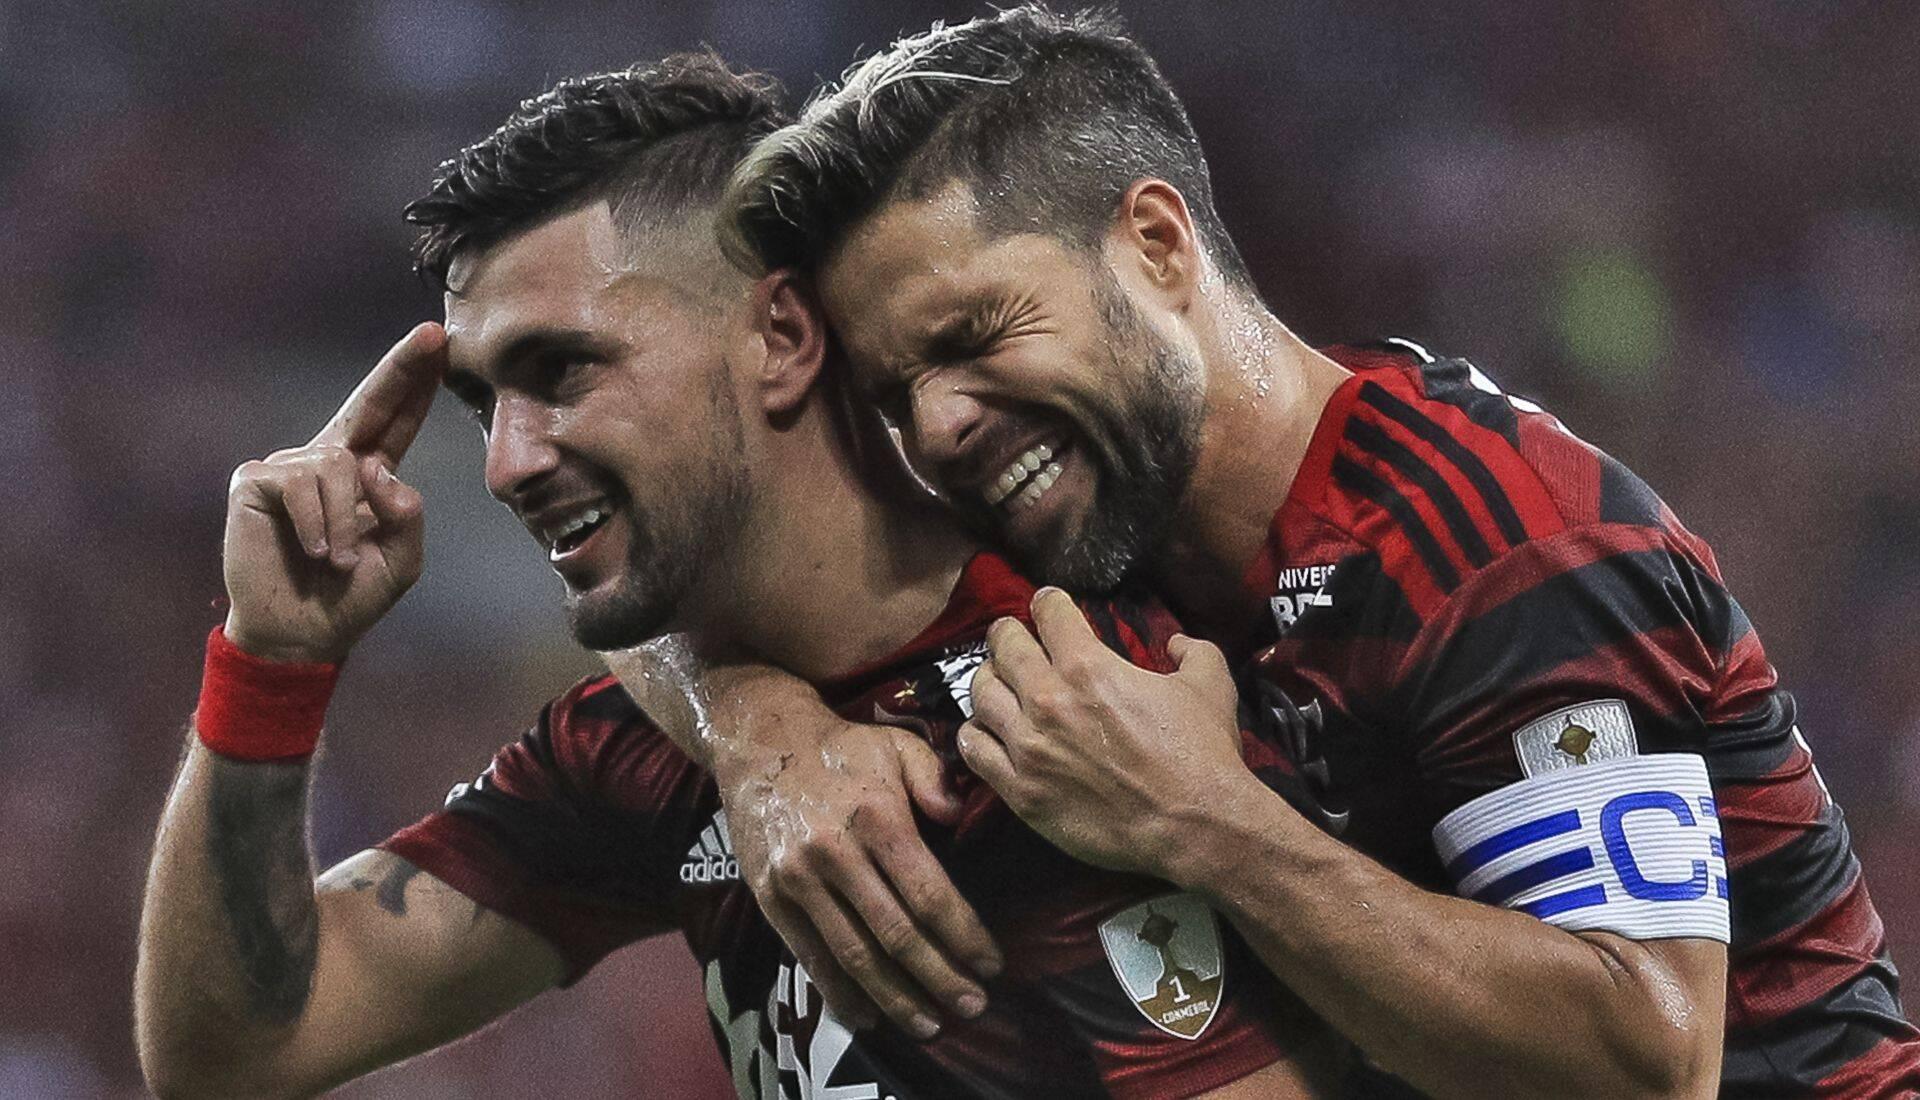 Foto: Flamengo F.C/Divulgação